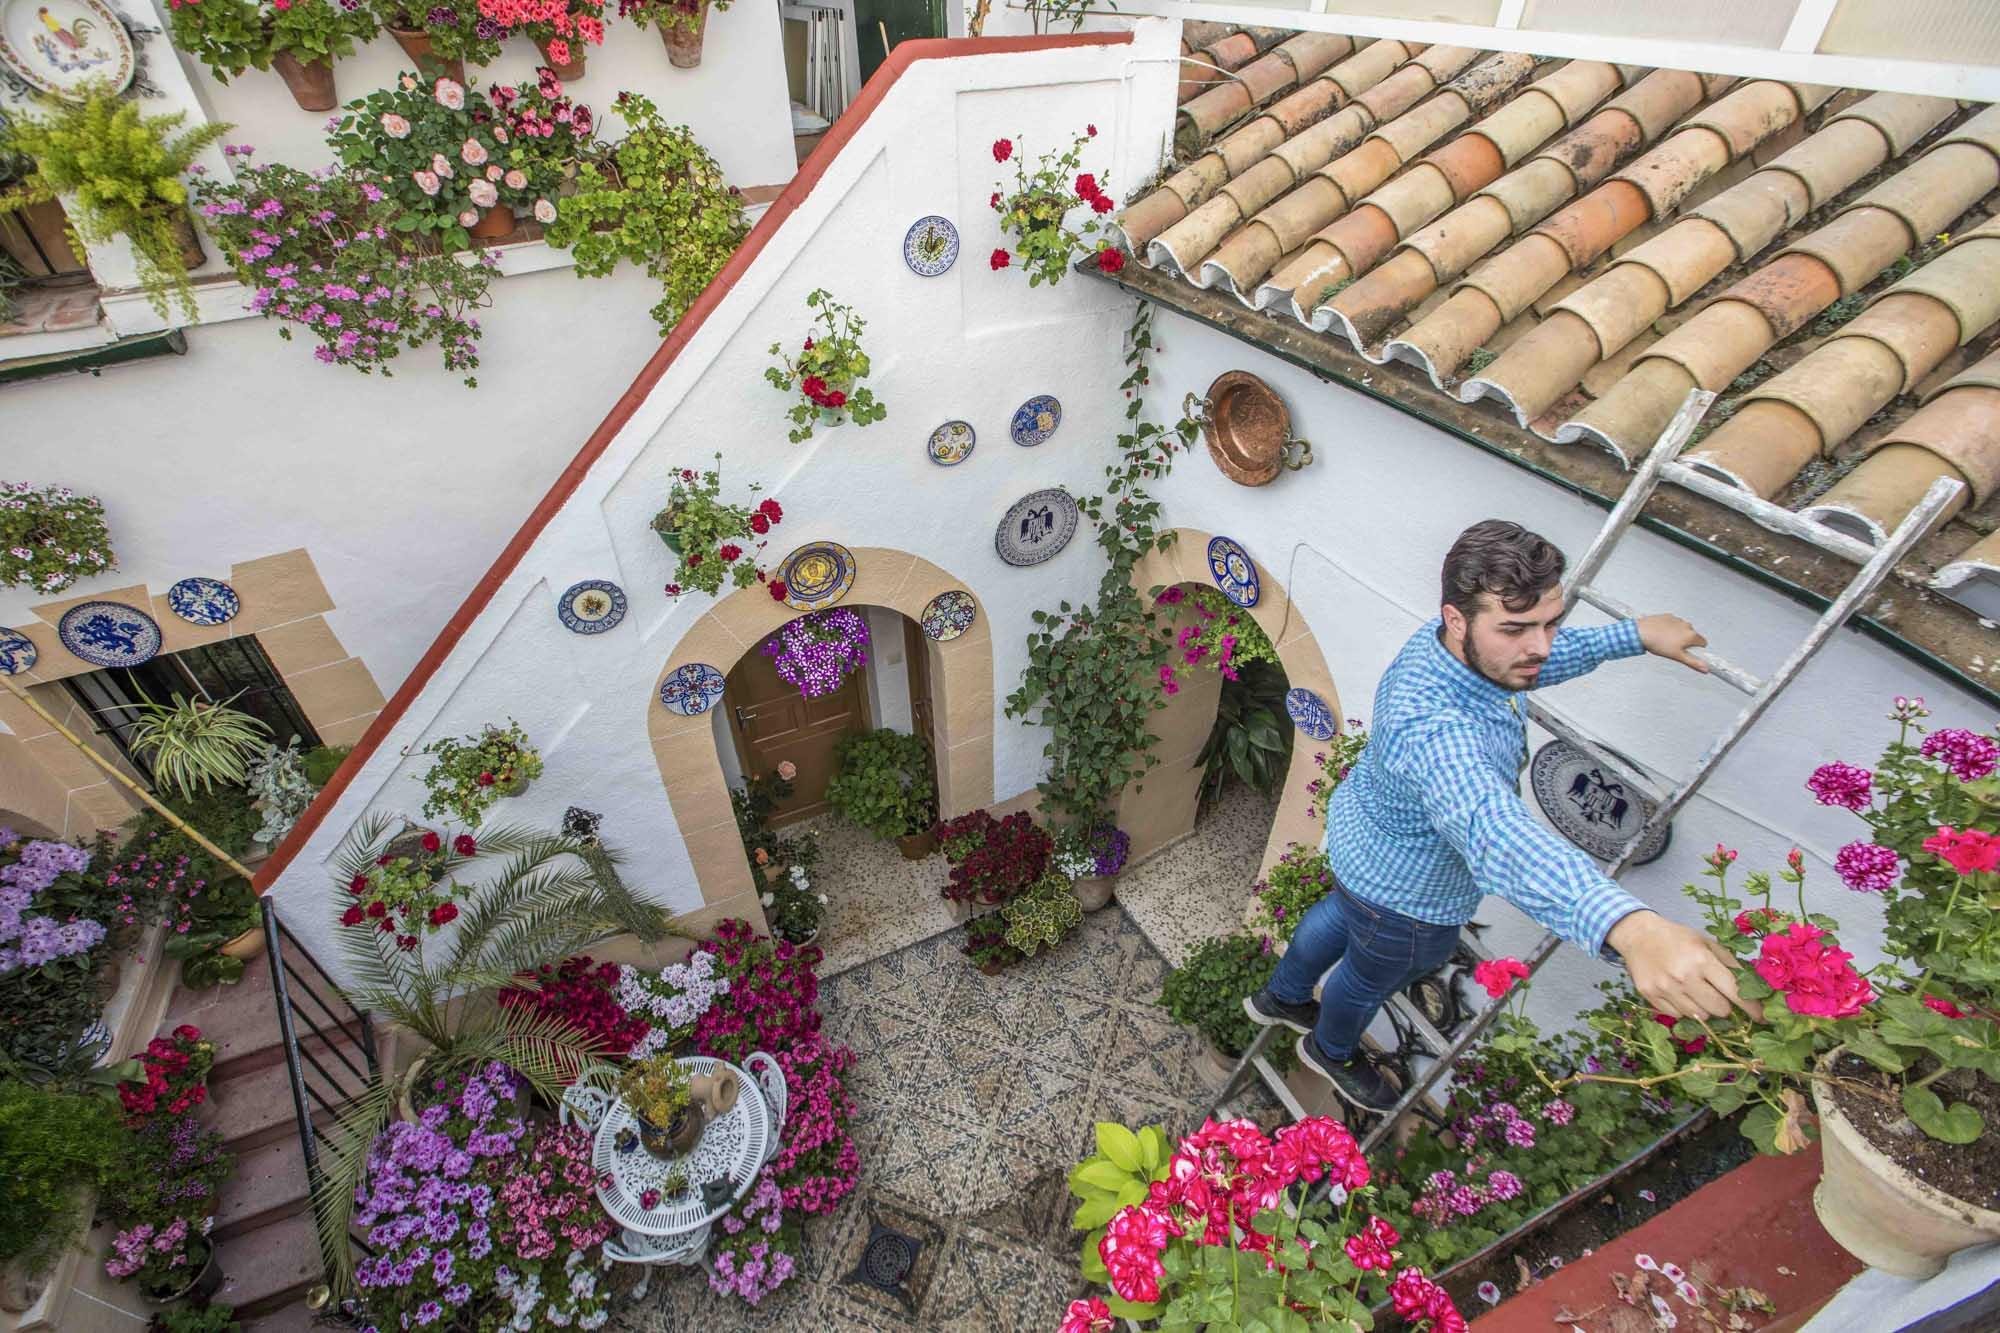 Spanien, Andalusien, Cordoba, Calle Zarco 13. Santiago Hernández (23 Jahre) ist der jüngste Patio-Wettbewerber in der Stadt. Das Haus gehörte seiner Oma Julia, der er bis zu ihrem Tod 2002 immer geholfen hat. Seine Mutter hatte kein Interesse an dem Patio und den Pflanzen. Seit zwei Jahren wohnt Santiago in dem Haus und hat den Patio und seine Pflanzen wieder mit Leben erweckt. Als Hommage an seine Oma, nimmt er das erste Mal am Wettbewerb teil.